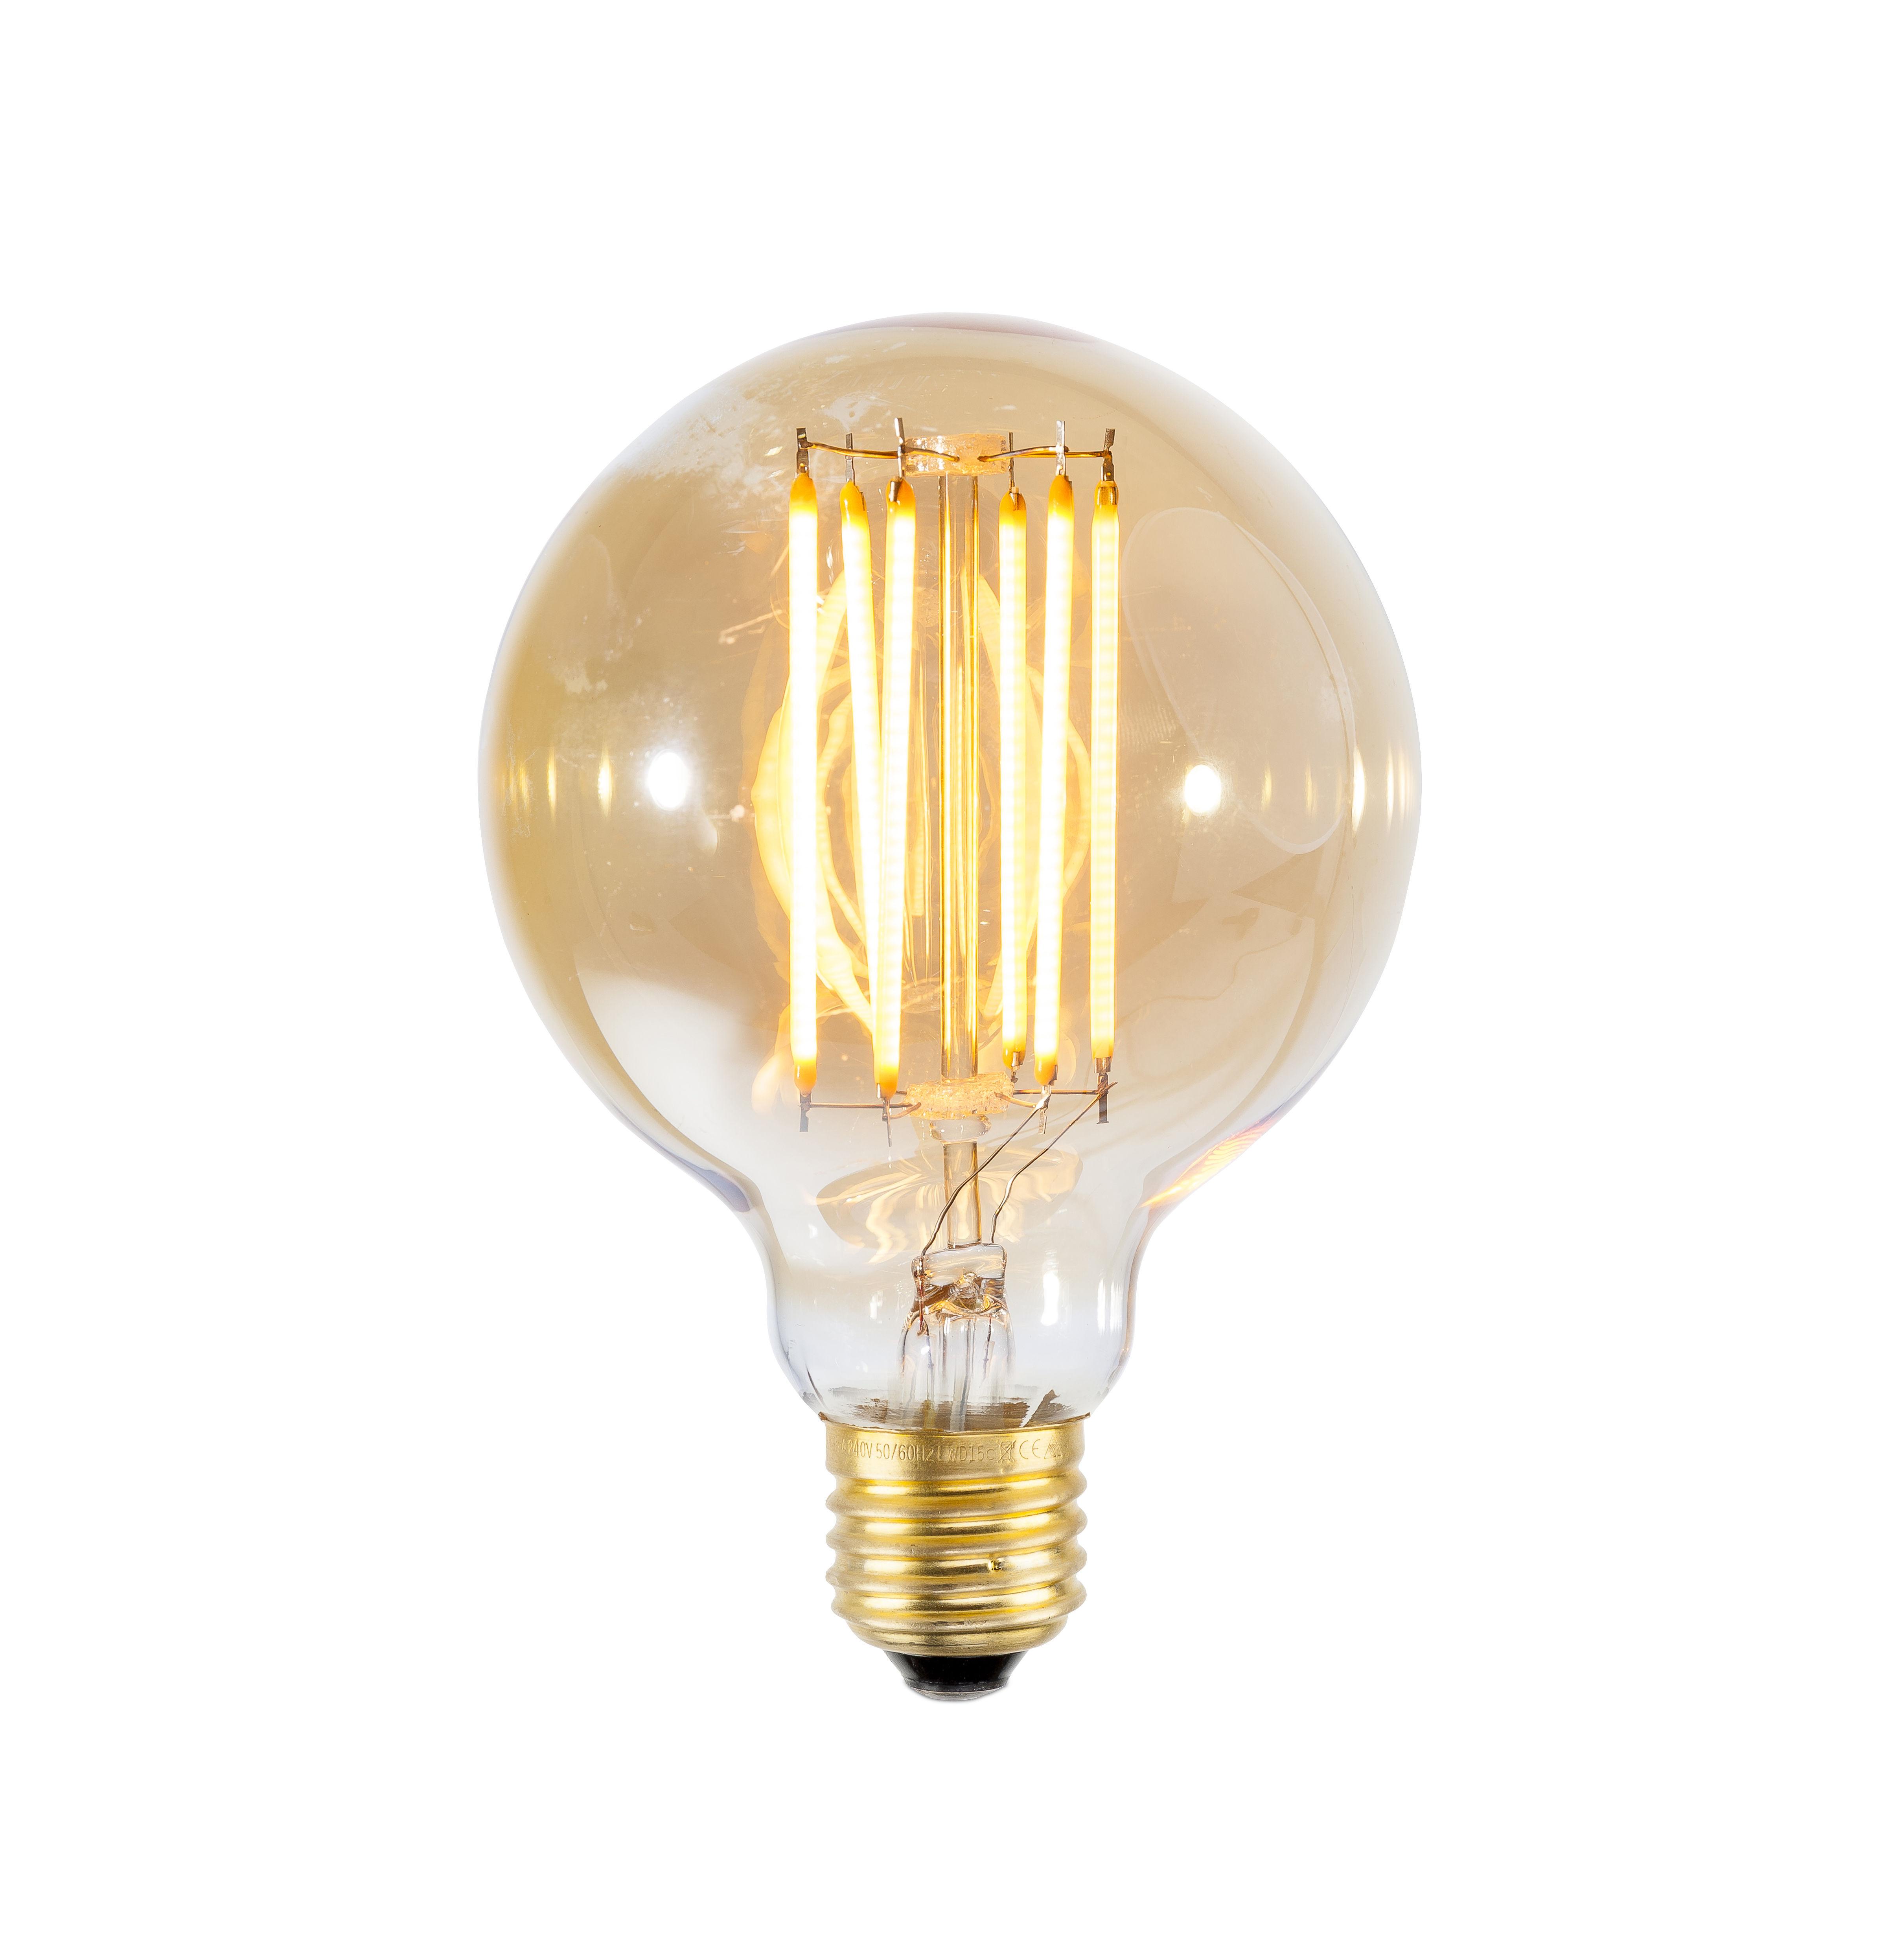 Leuchten - Glühbirnen - Globe Large LED-Glühbirne E27 mit Glühfaden / E27 4W - It's about Romi - Transparent / Glühfäden goldfarben - Glas